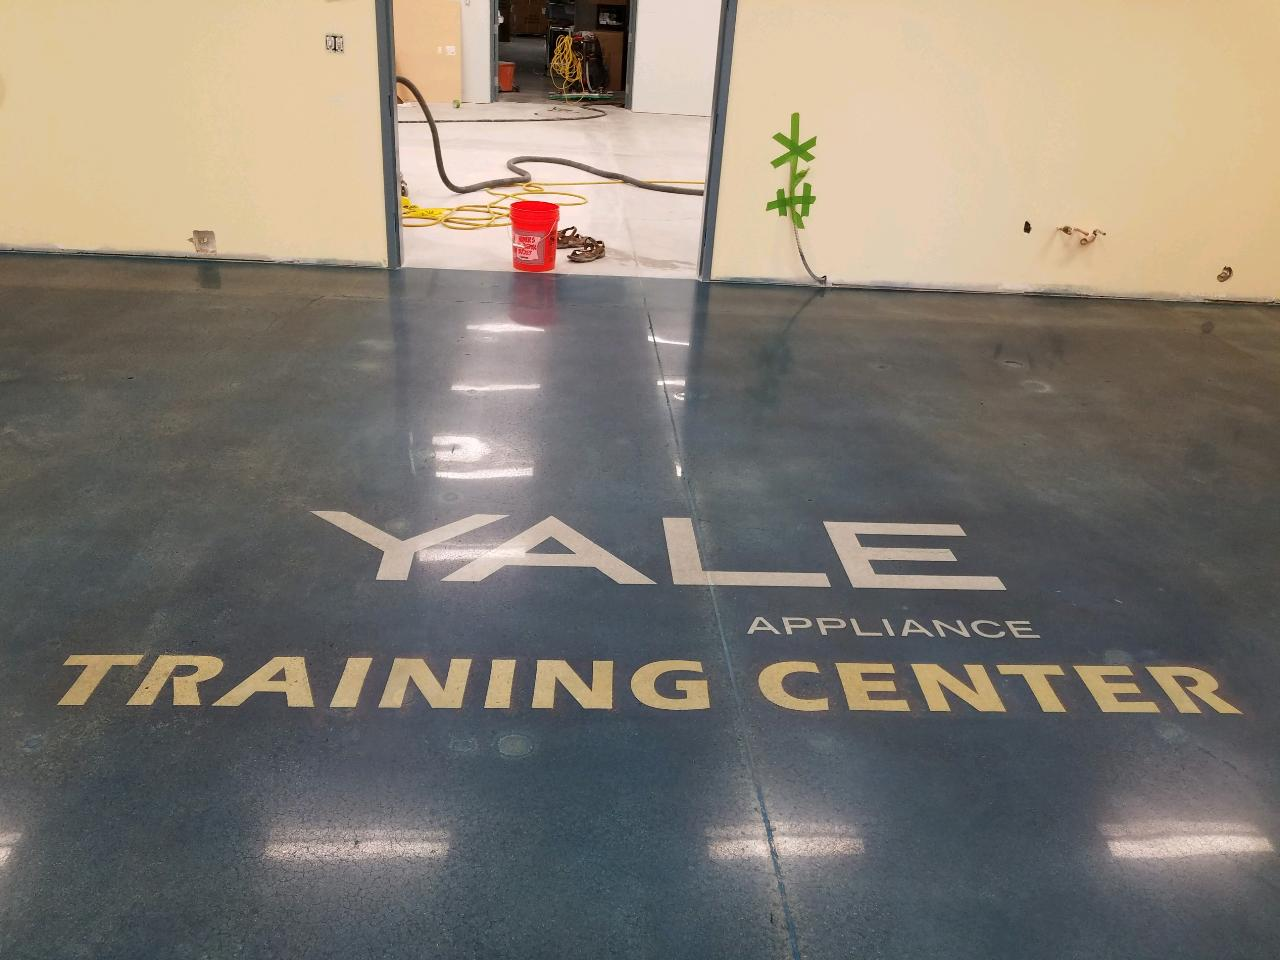 Yale Appliance Training Center. Concrete Polishing